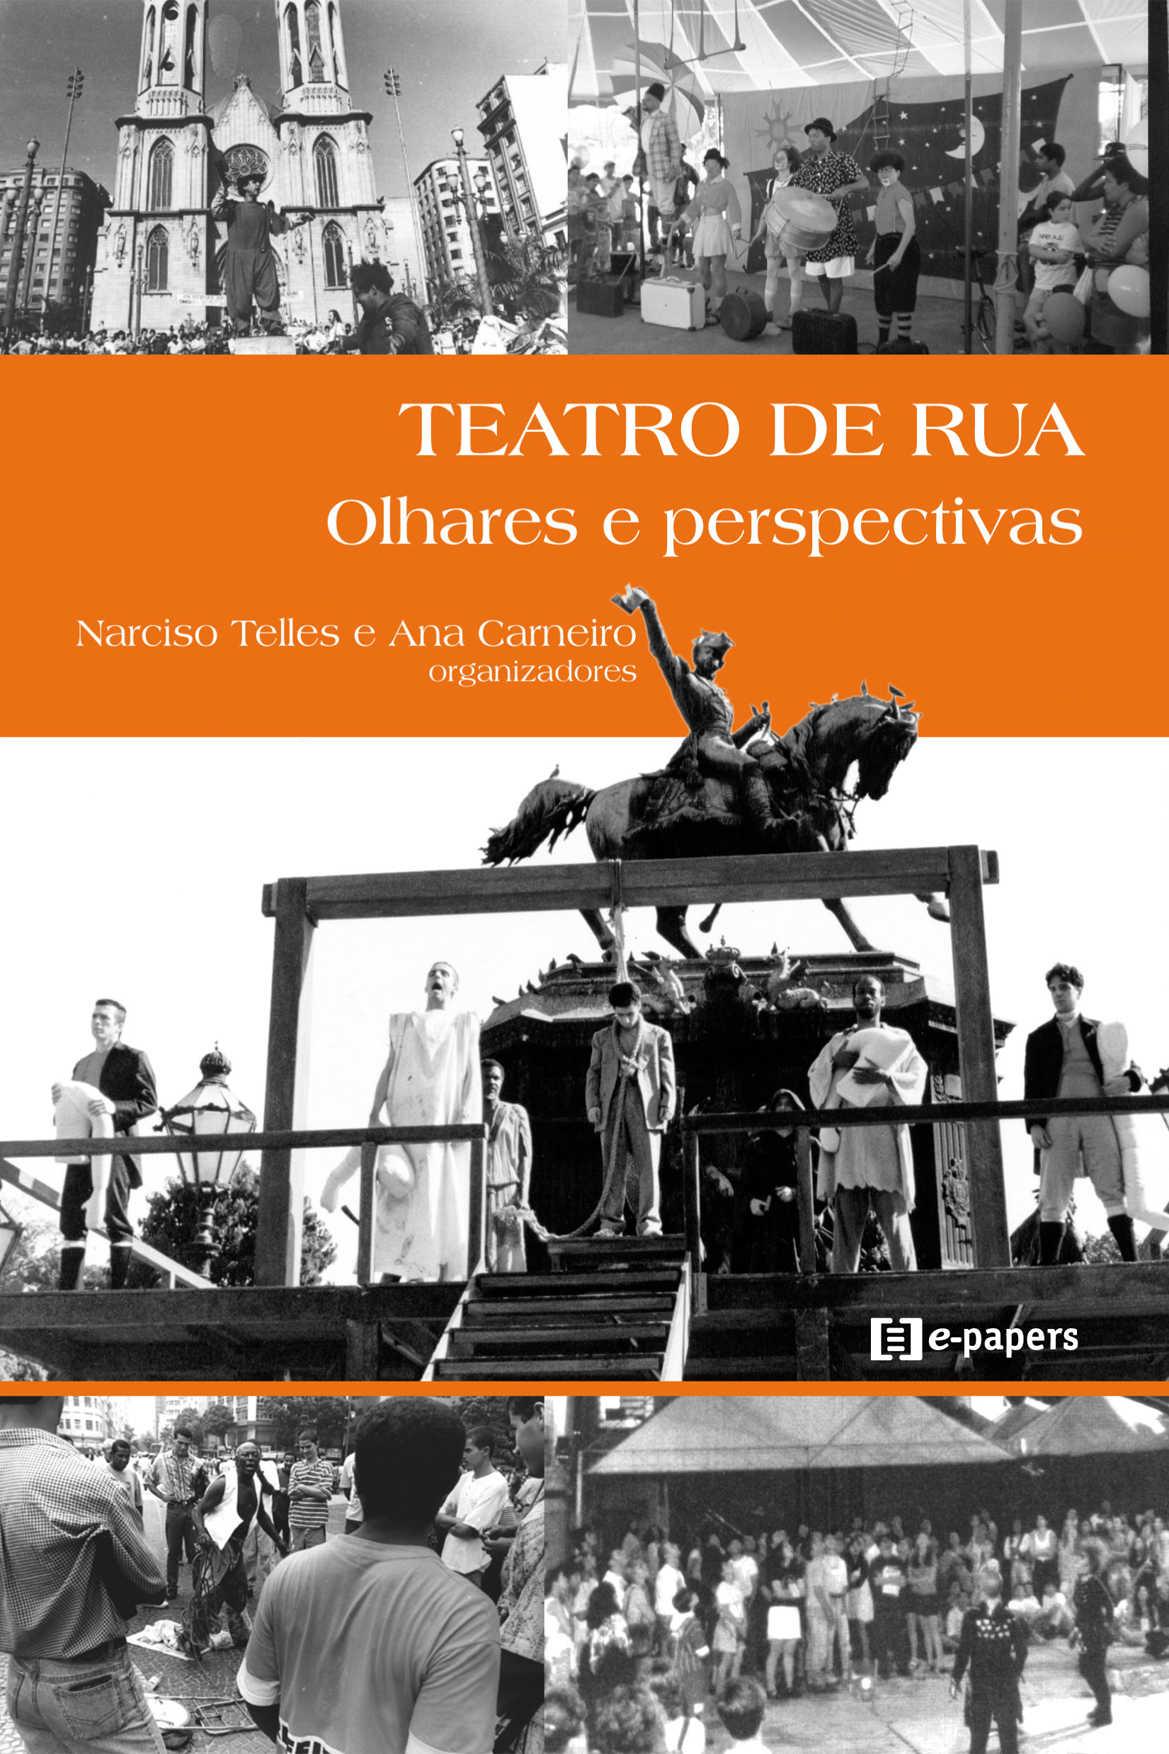 Teatro de rua: Olhares e perspectivas